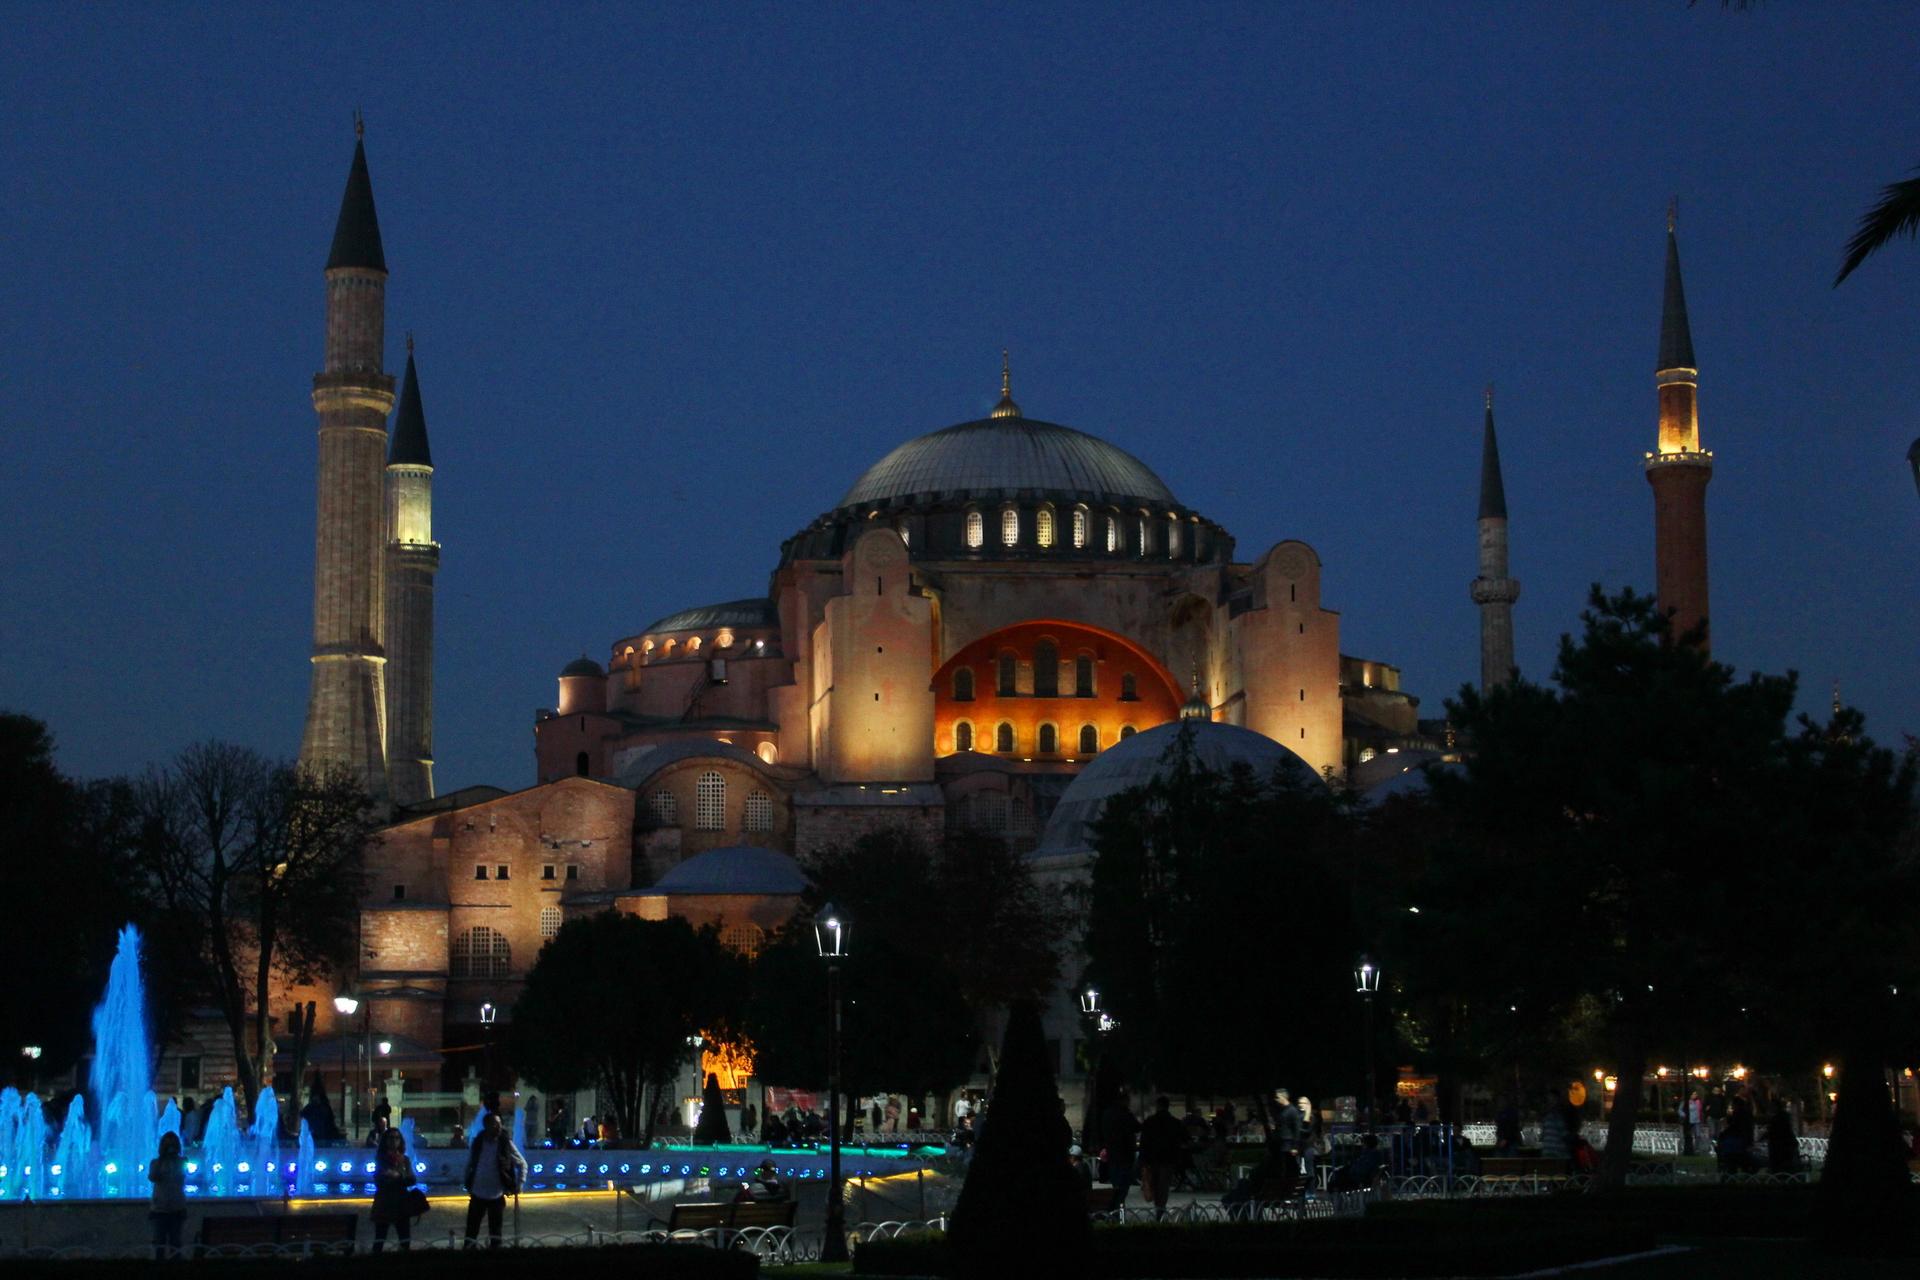 Hagia Sophia in the twilight